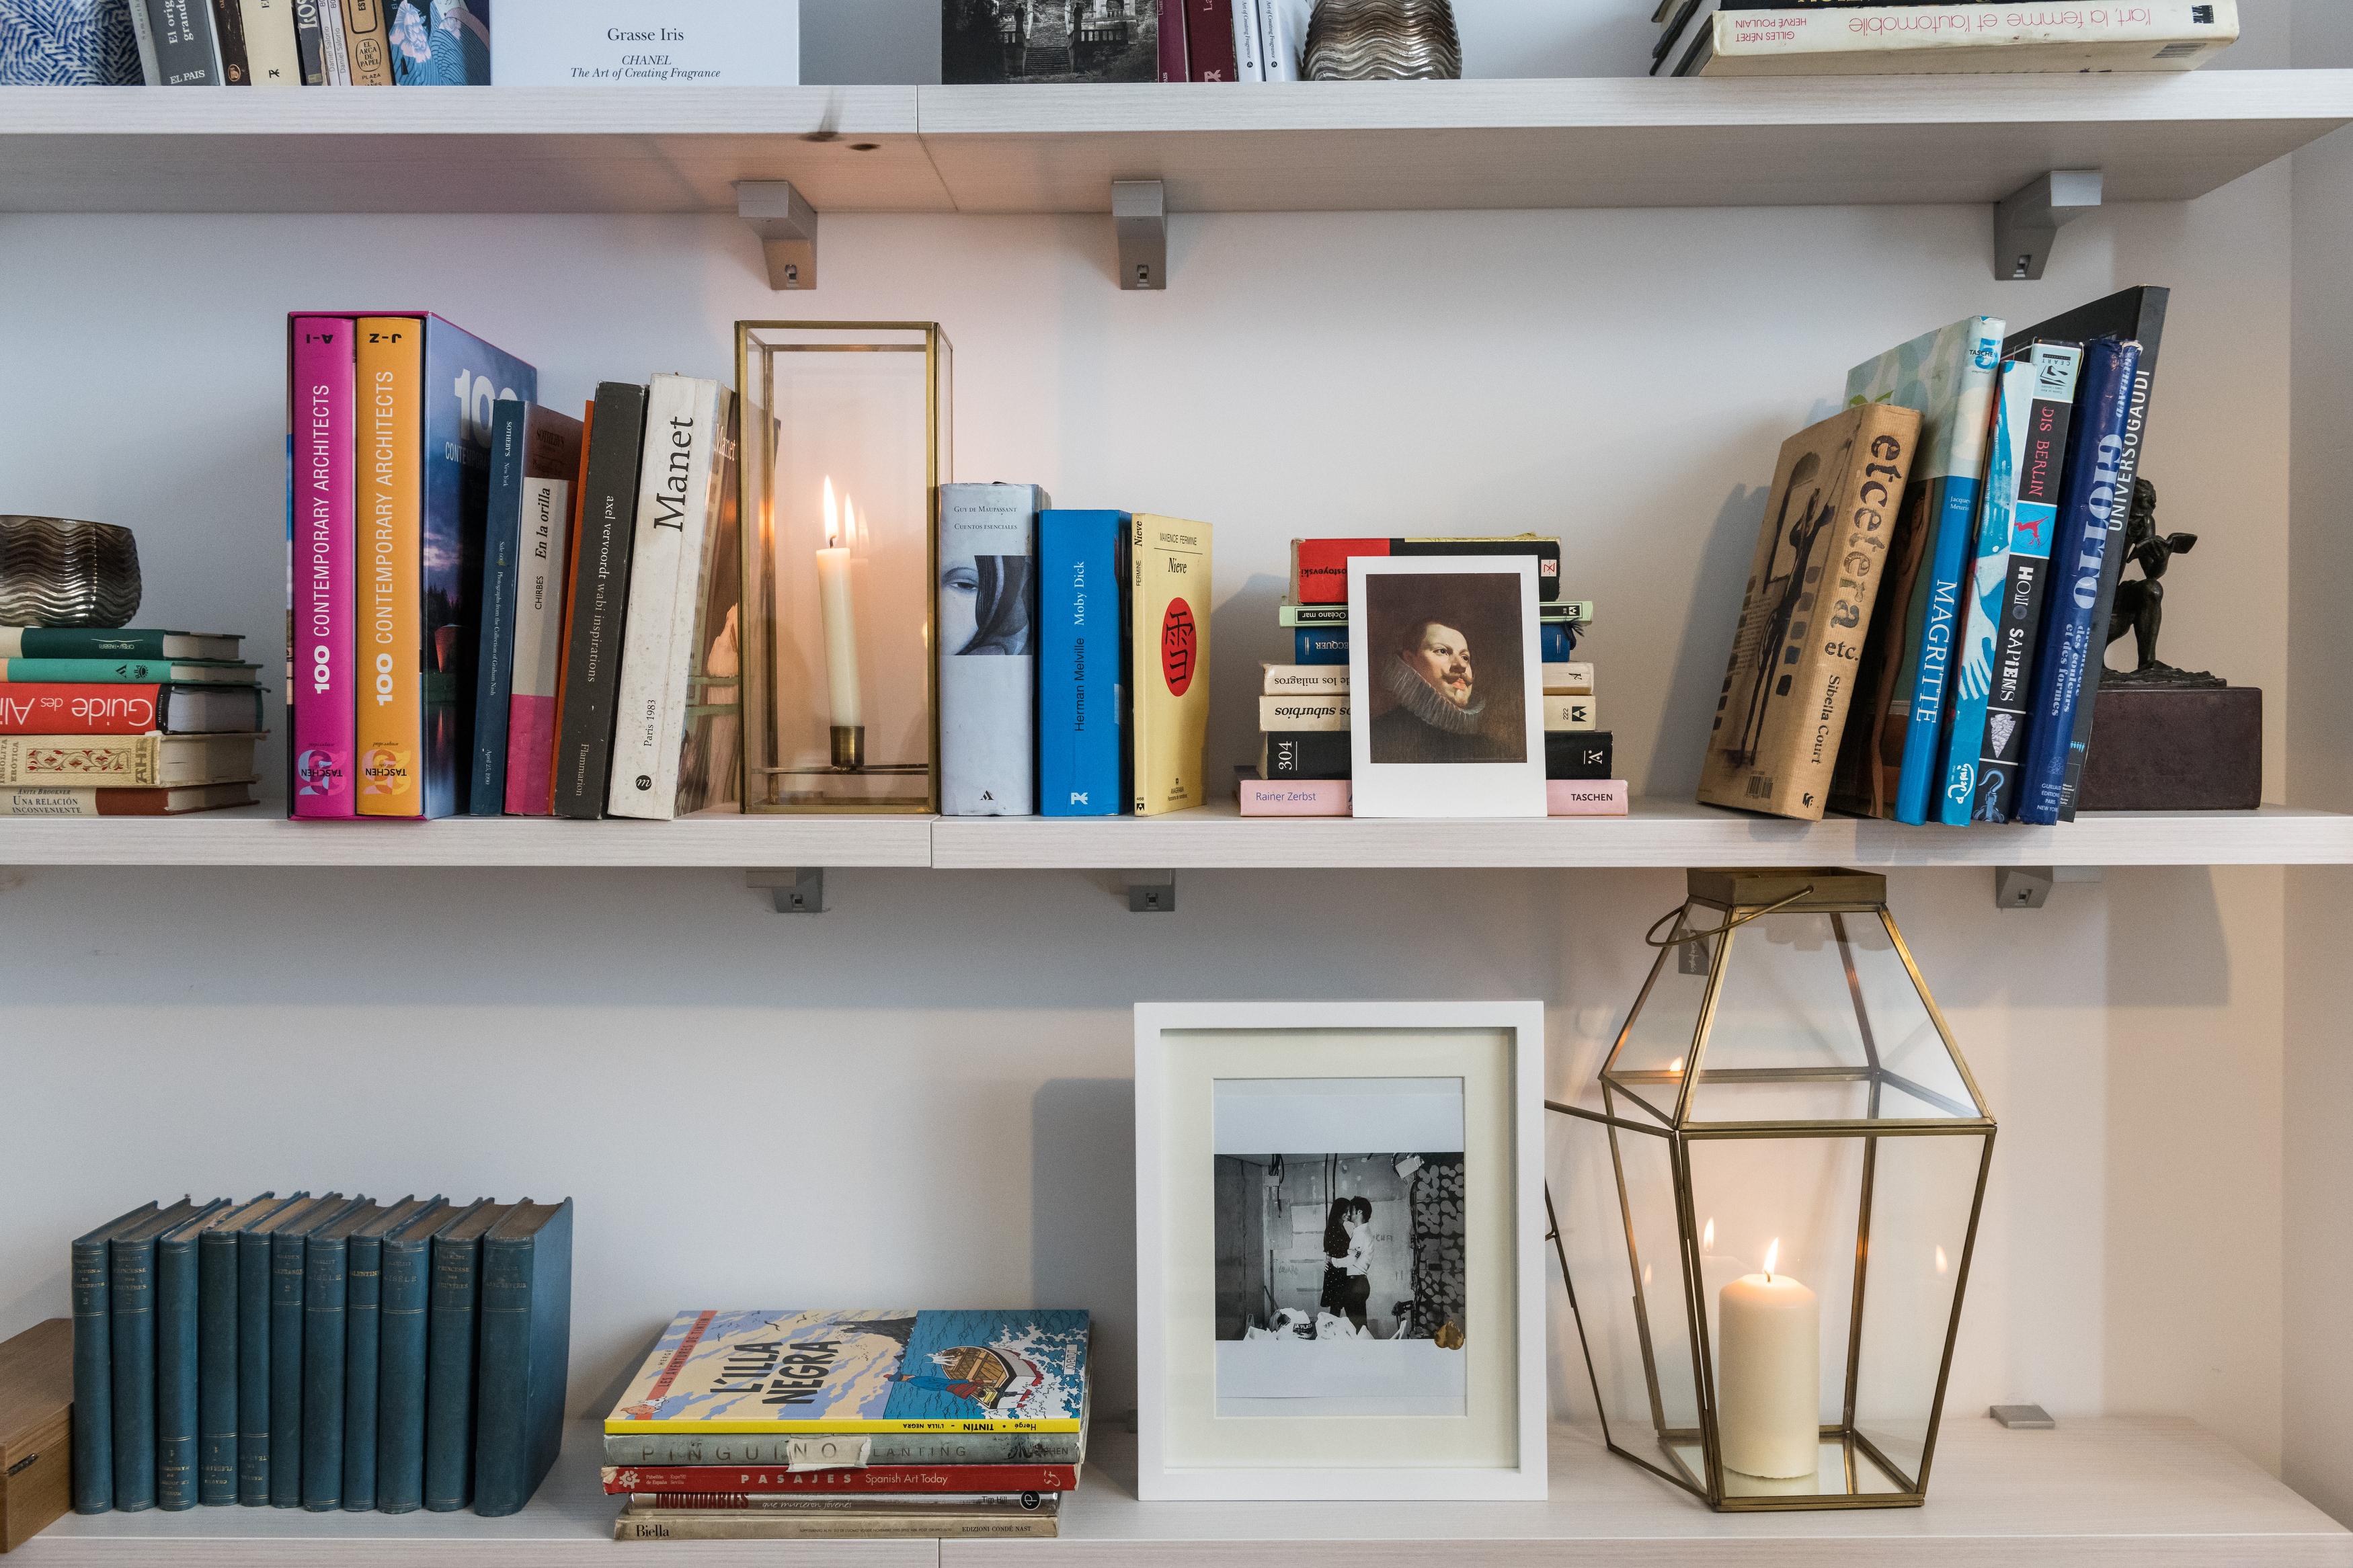 Baldas blancas blancas con libros y detalles decorativos como marcos de fotos y jarrones